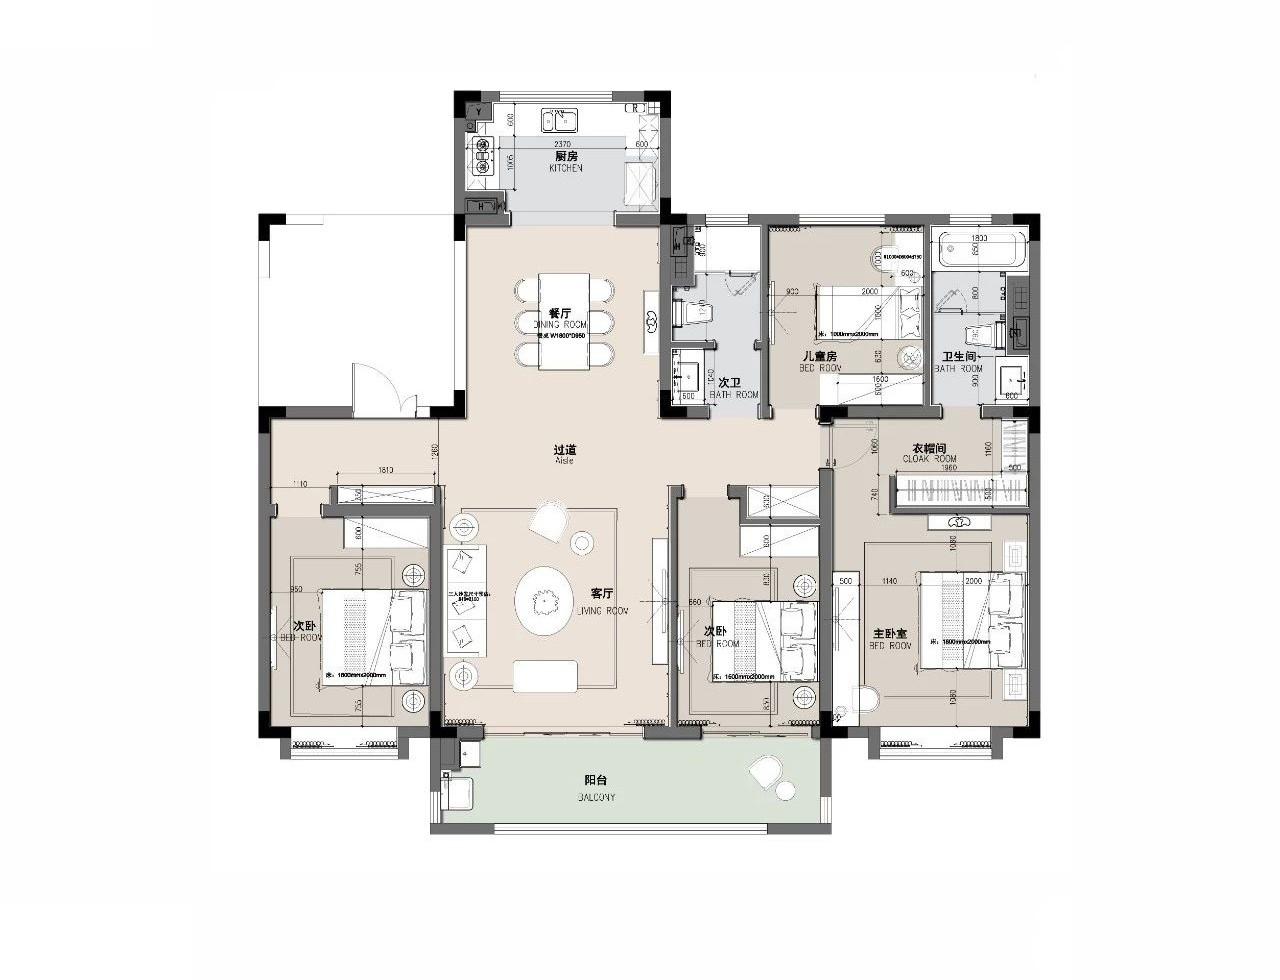 户型方正,两厅相连,空间视觉上更开扬,室内南北通透,清风阳光怡然入屋。